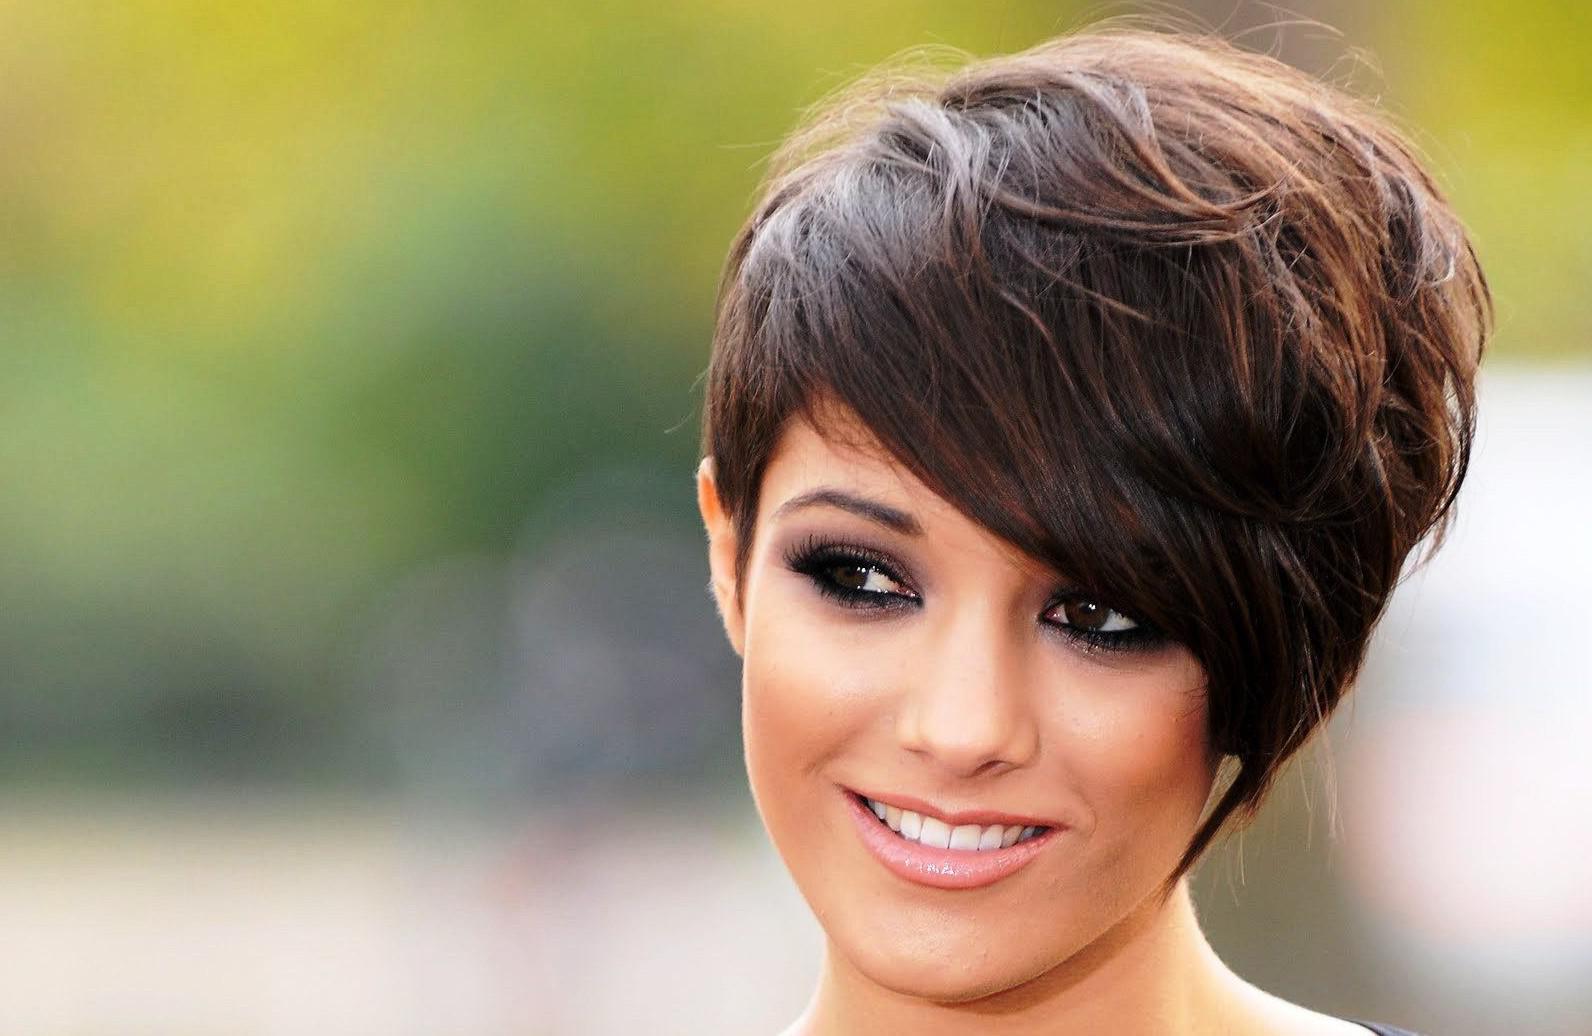 image72-1 | Модные женские стрижки на короткие волосы: основные правила и варианты исполнения